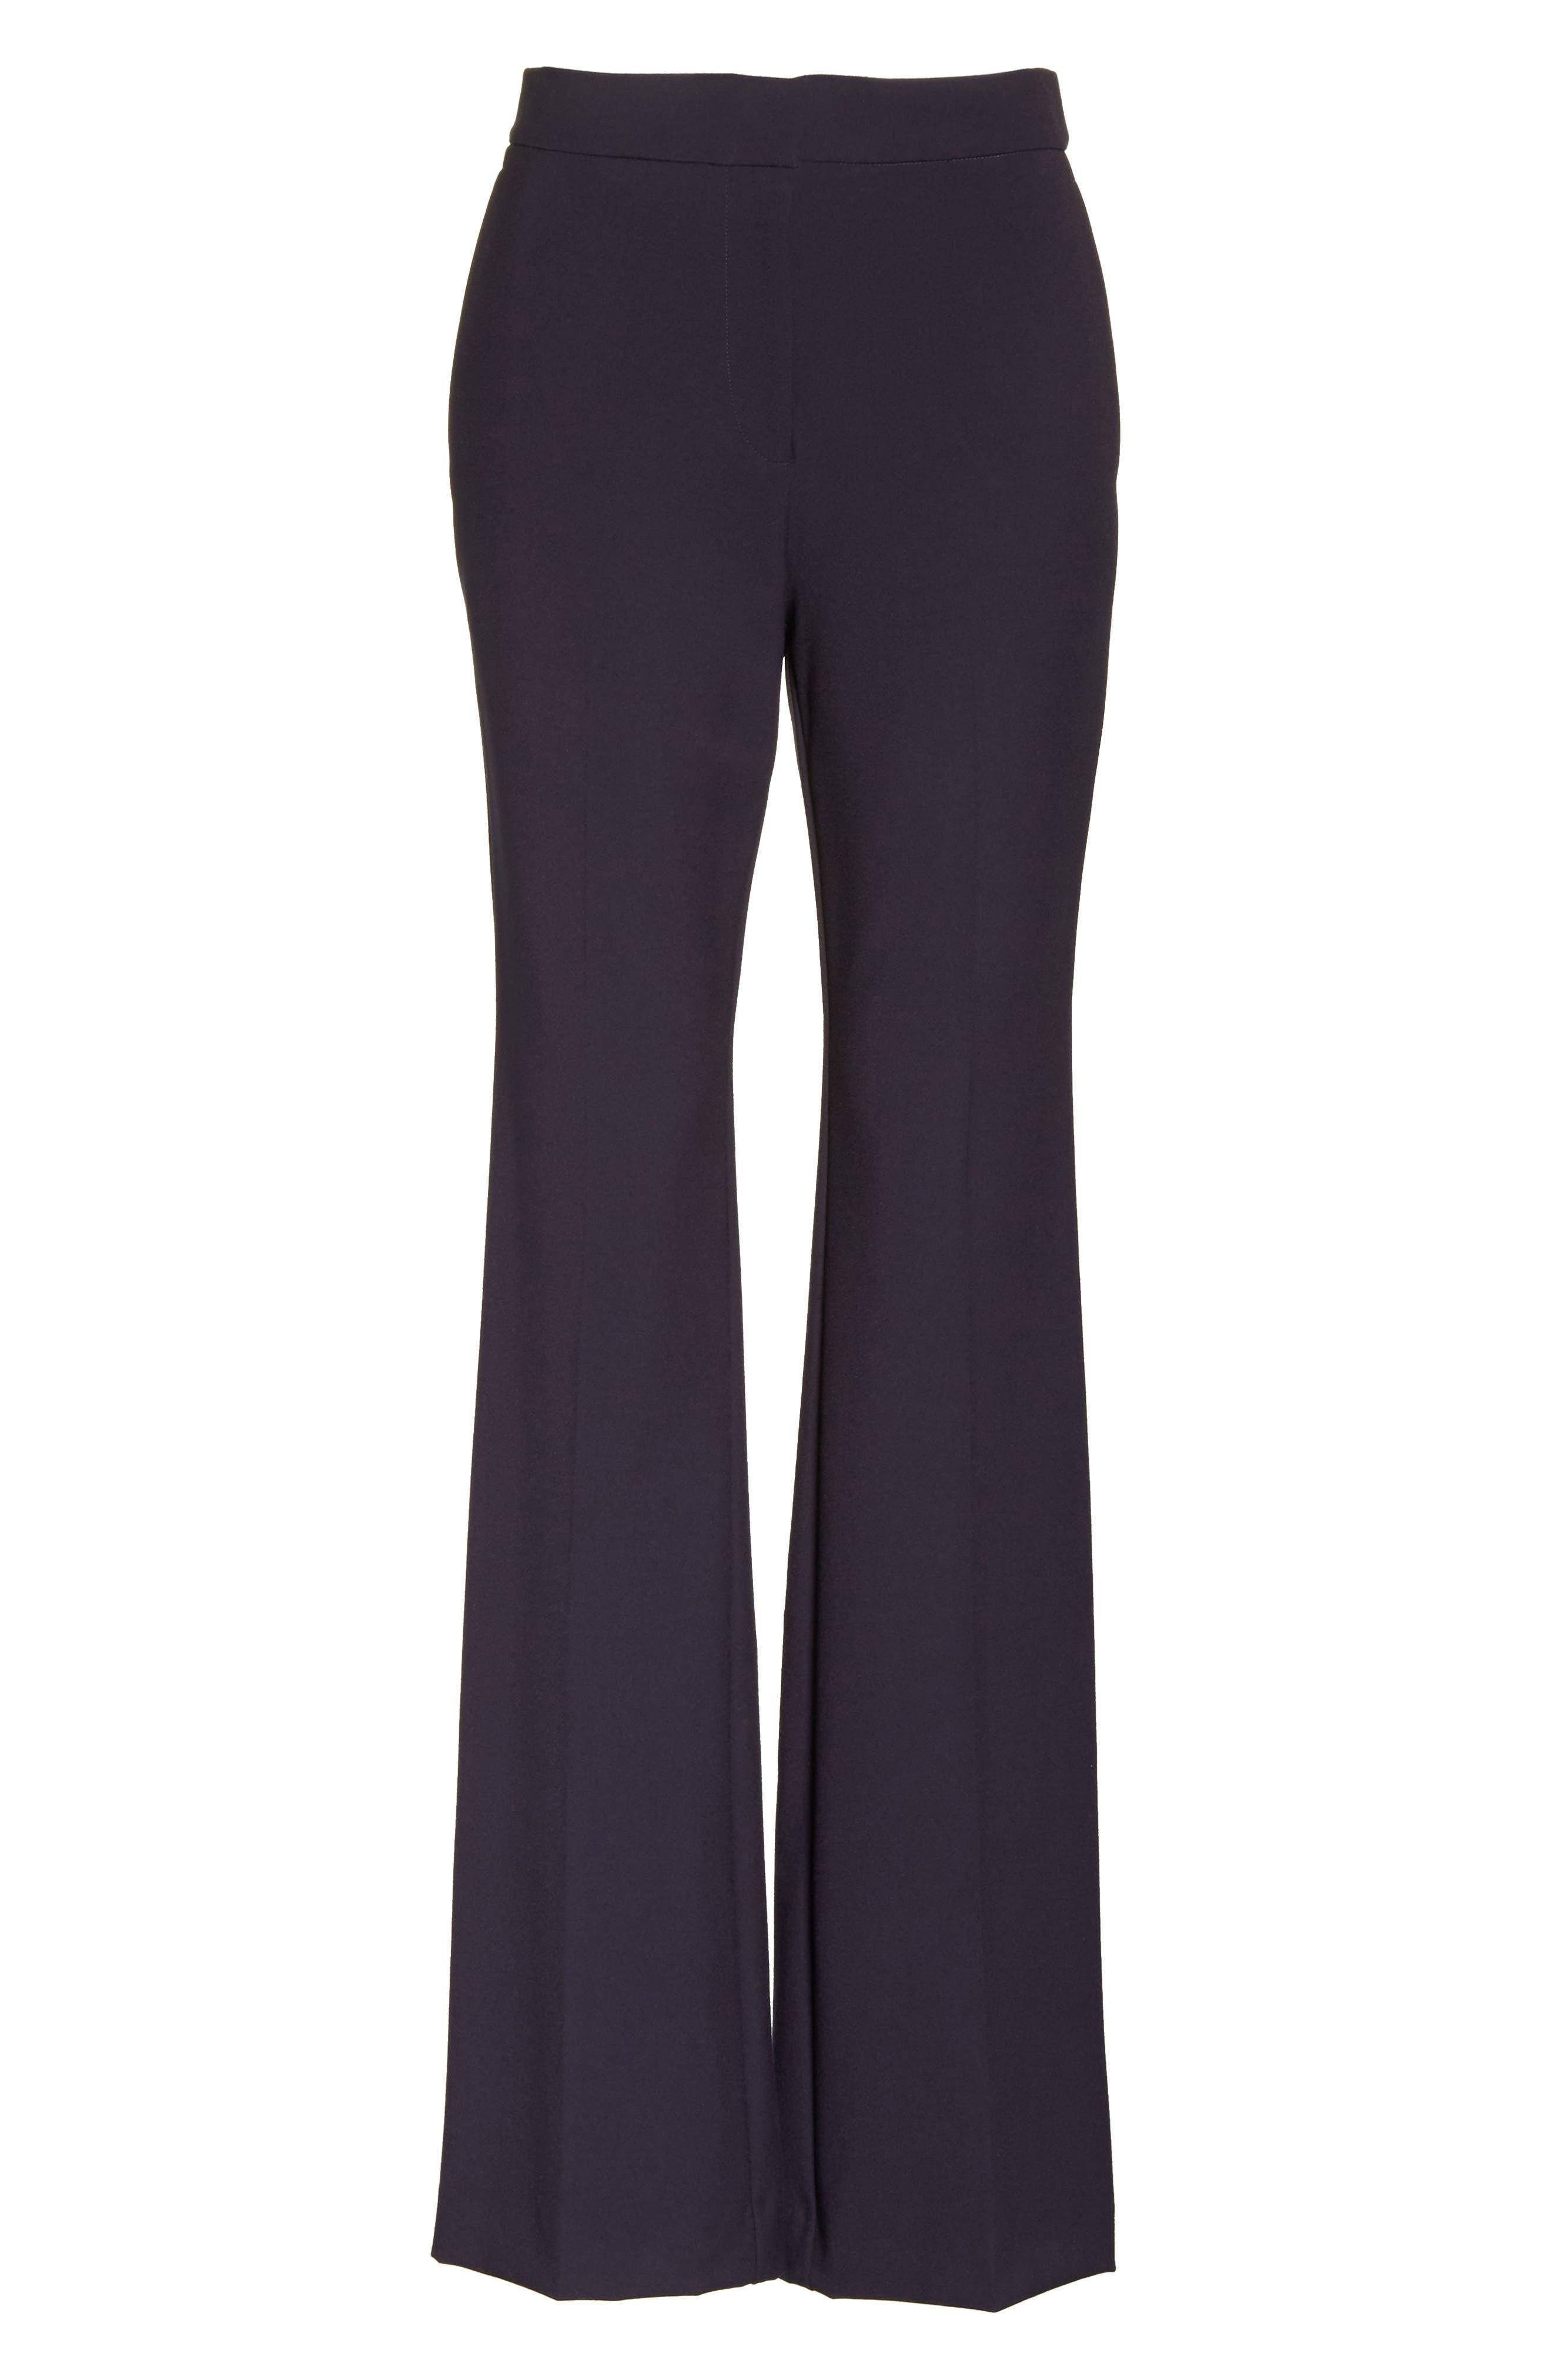 Stretch Suit Pants,                             Alternate thumbnail 6, color,                             407